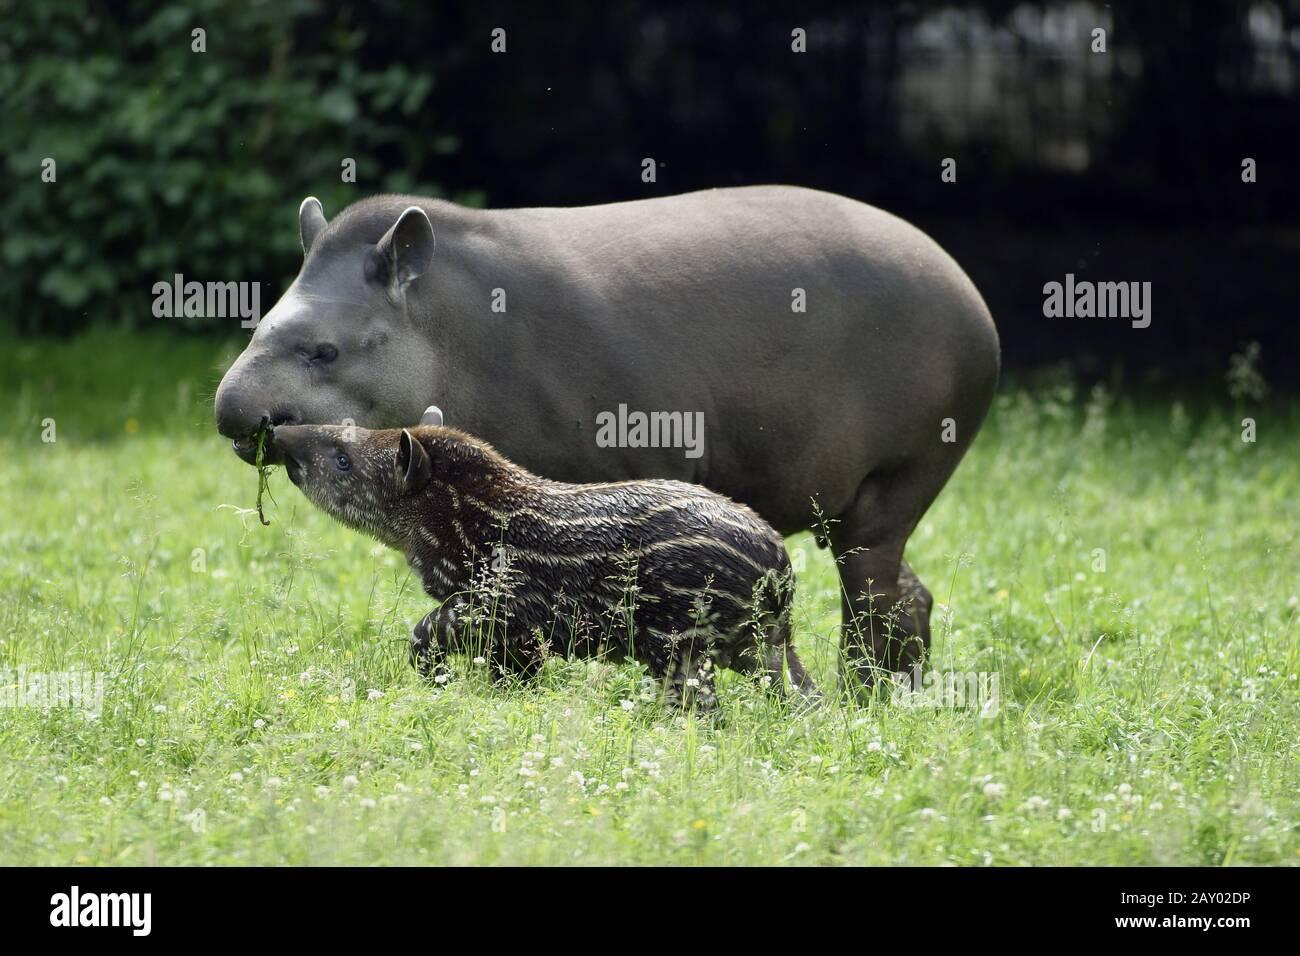 Flachlandtapir, Tapir, Tapirus terrestris, southamerican tapir Stock Photo